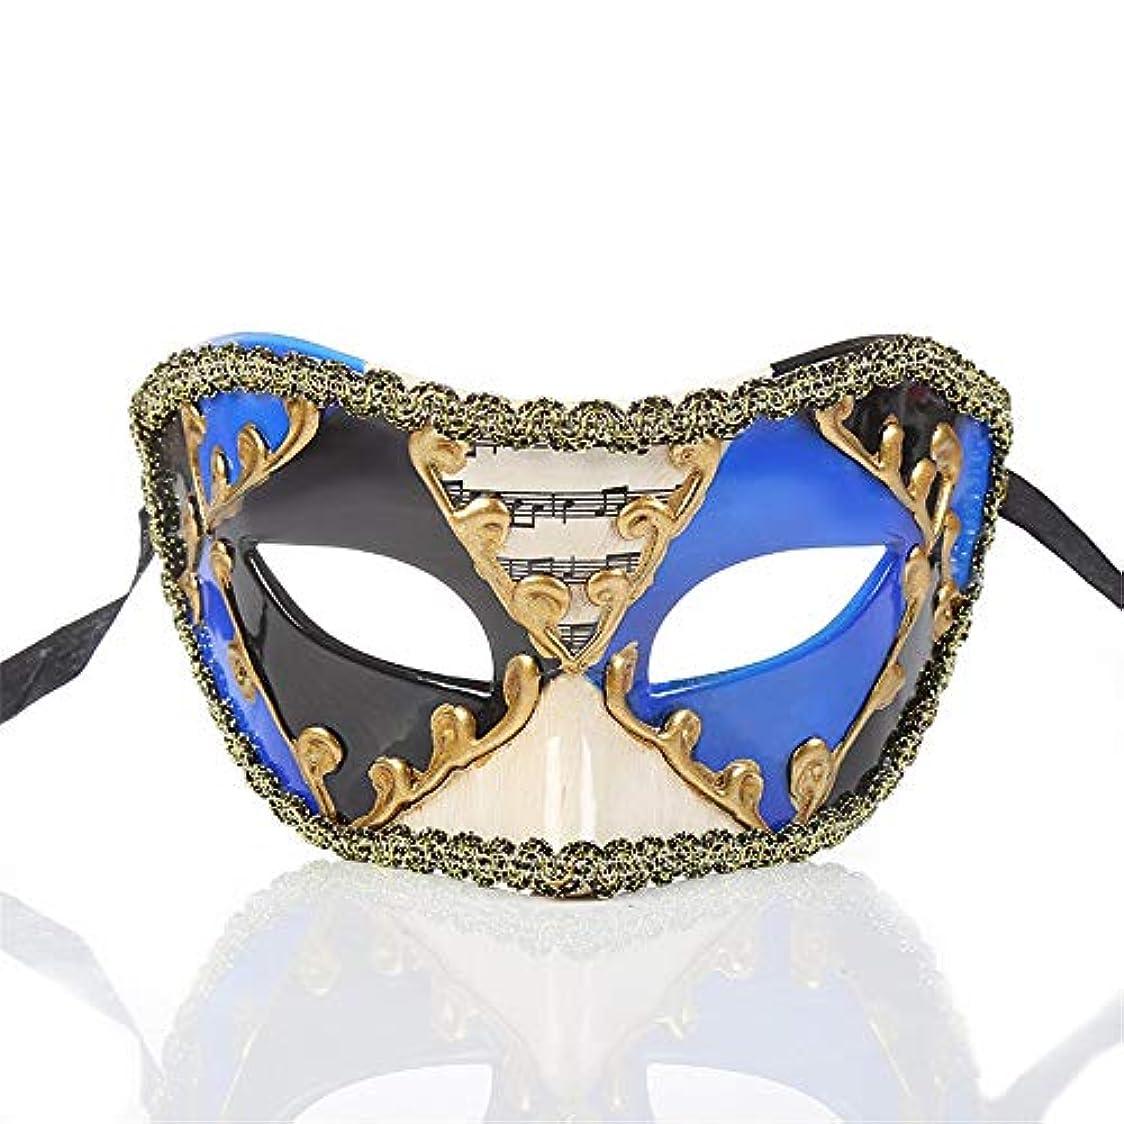 モルヒネリーズ博覧会ダンスマスク ヴィンテージクラシックハーフフェイスクラウンミュージカルノート装飾マスクフェスティバルロールプレイングプラスチックマスク パーティーマスク (色 : 青, サイズ : 16.5x8cm)